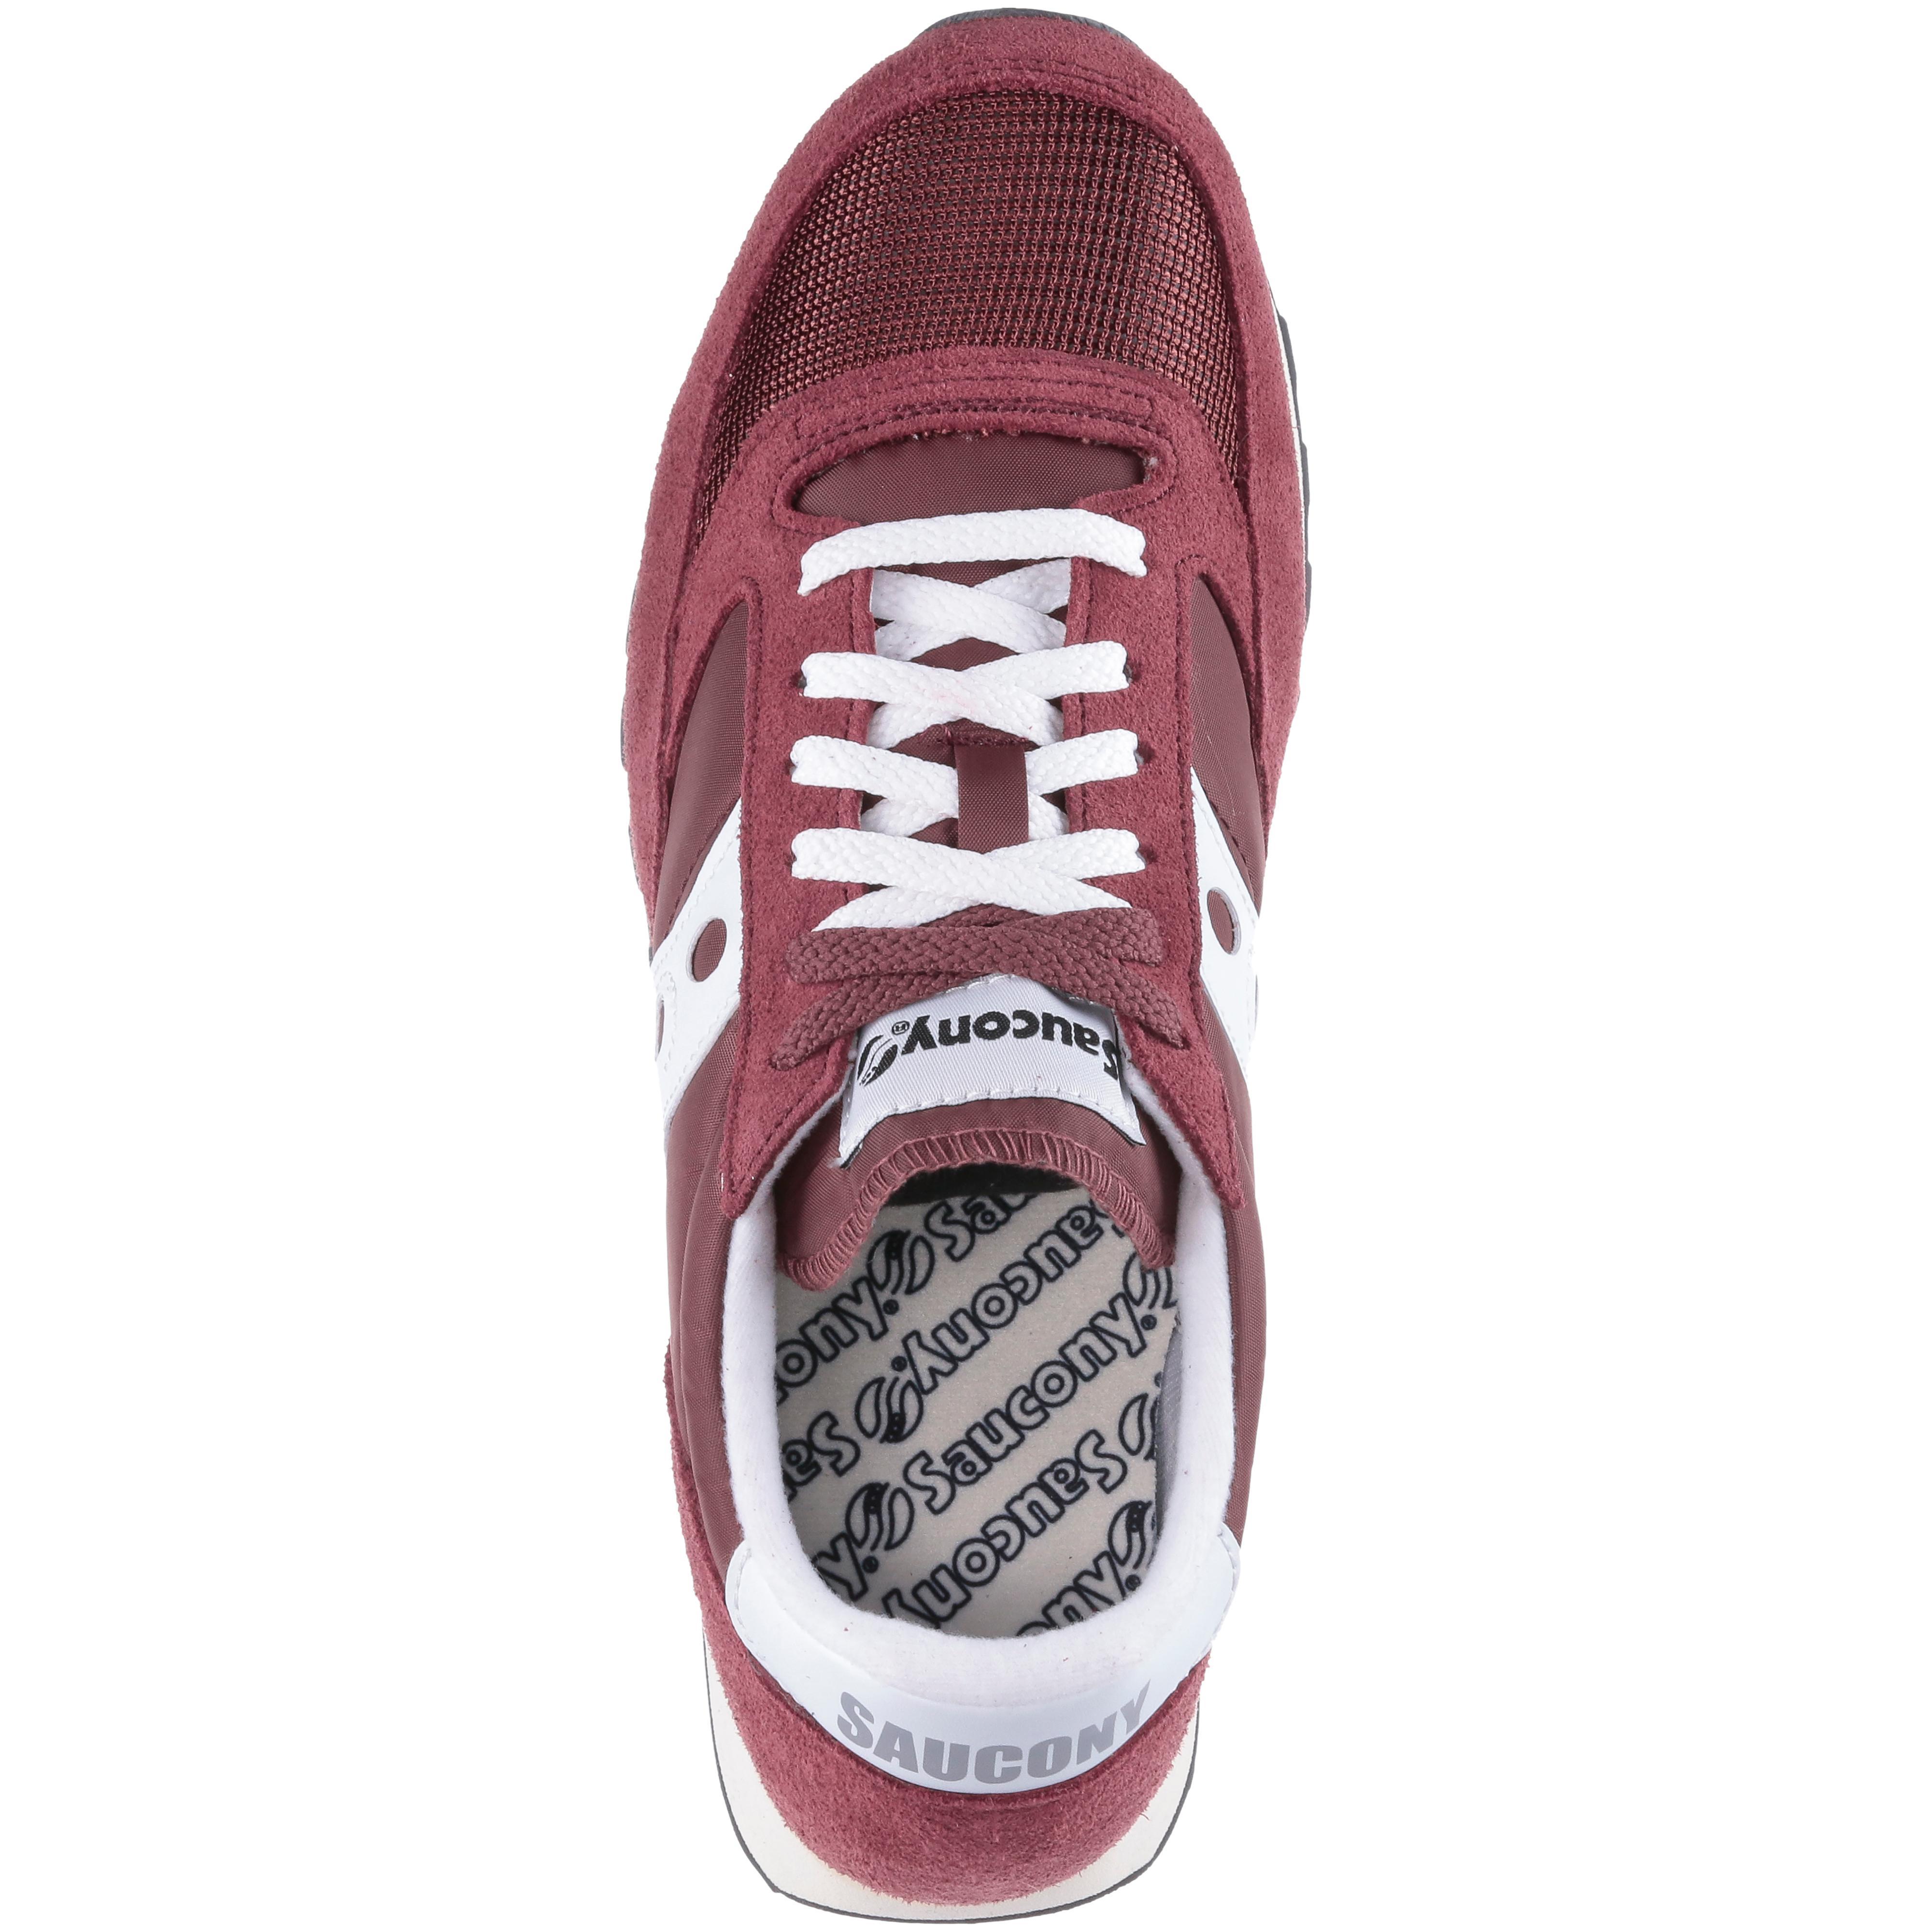 Saucony Jazz Original Vintage Vintage Vintage Turnschuhe Herren burgundy-Weiß im Online Shop von SportScheck kaufen Gute Qualität beliebte Schuhe daf005